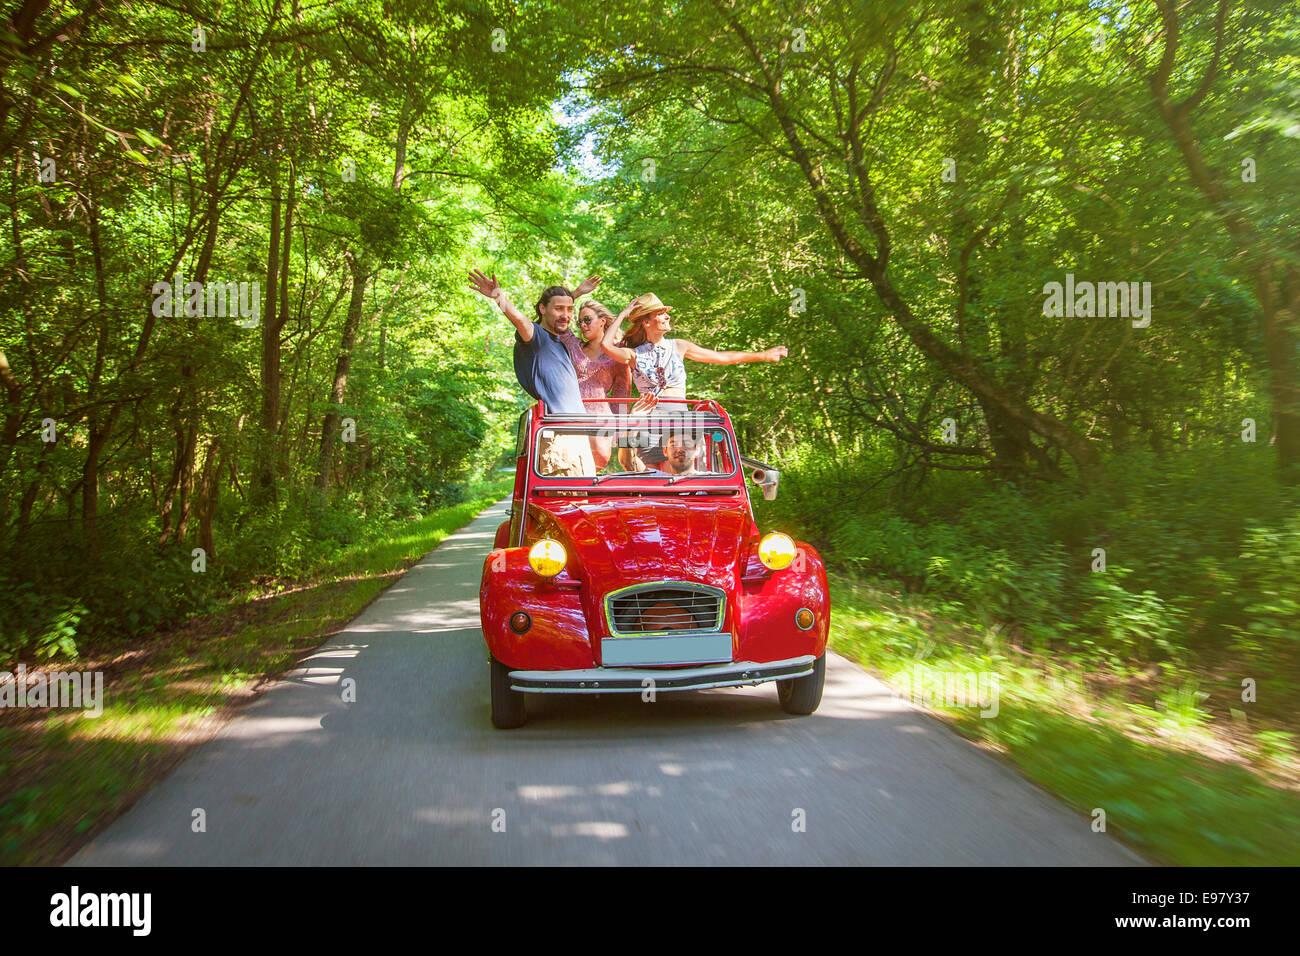 Los jóvenes en rojo vintage car divirtiéndose Imagen De Stock